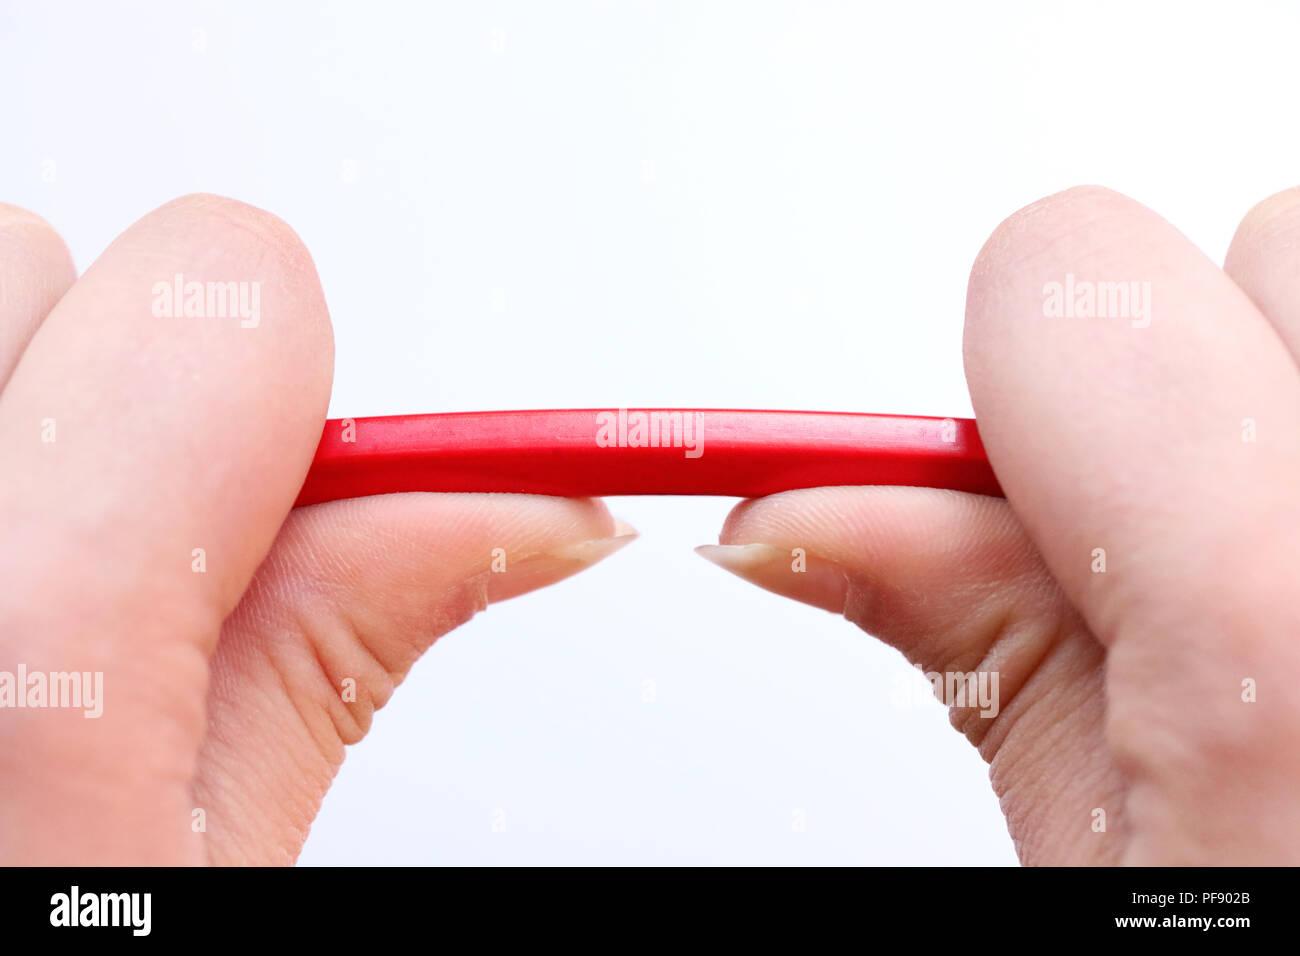 Due mani tenendo una matita rossa circa per impegnarsi a scatto al di sotto della pressione. Concetto di stress, gestione di rabbia, pressione sul posto di lavoro, genitorialità e breakd Immagini Stock